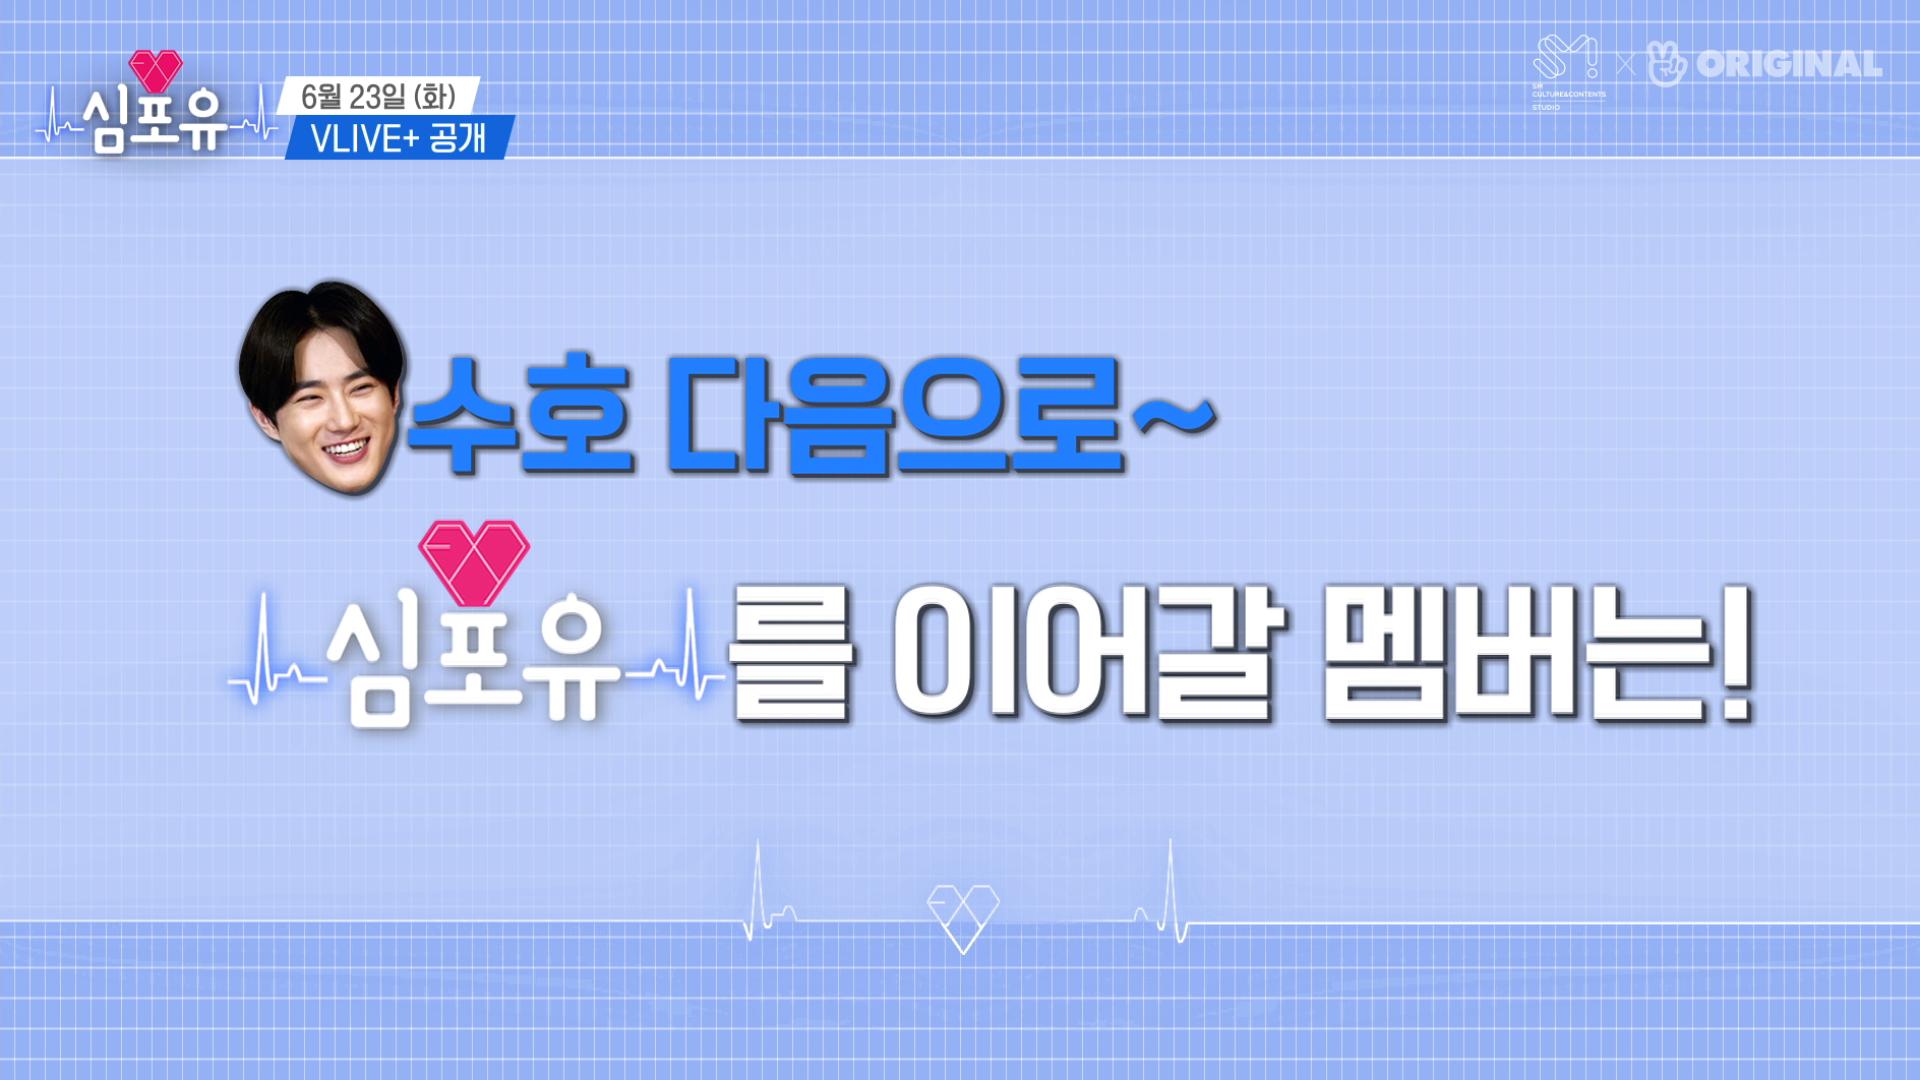 [심포유 #수호] #다음심포유멤버?! #특별예고 #아직안끝났수호